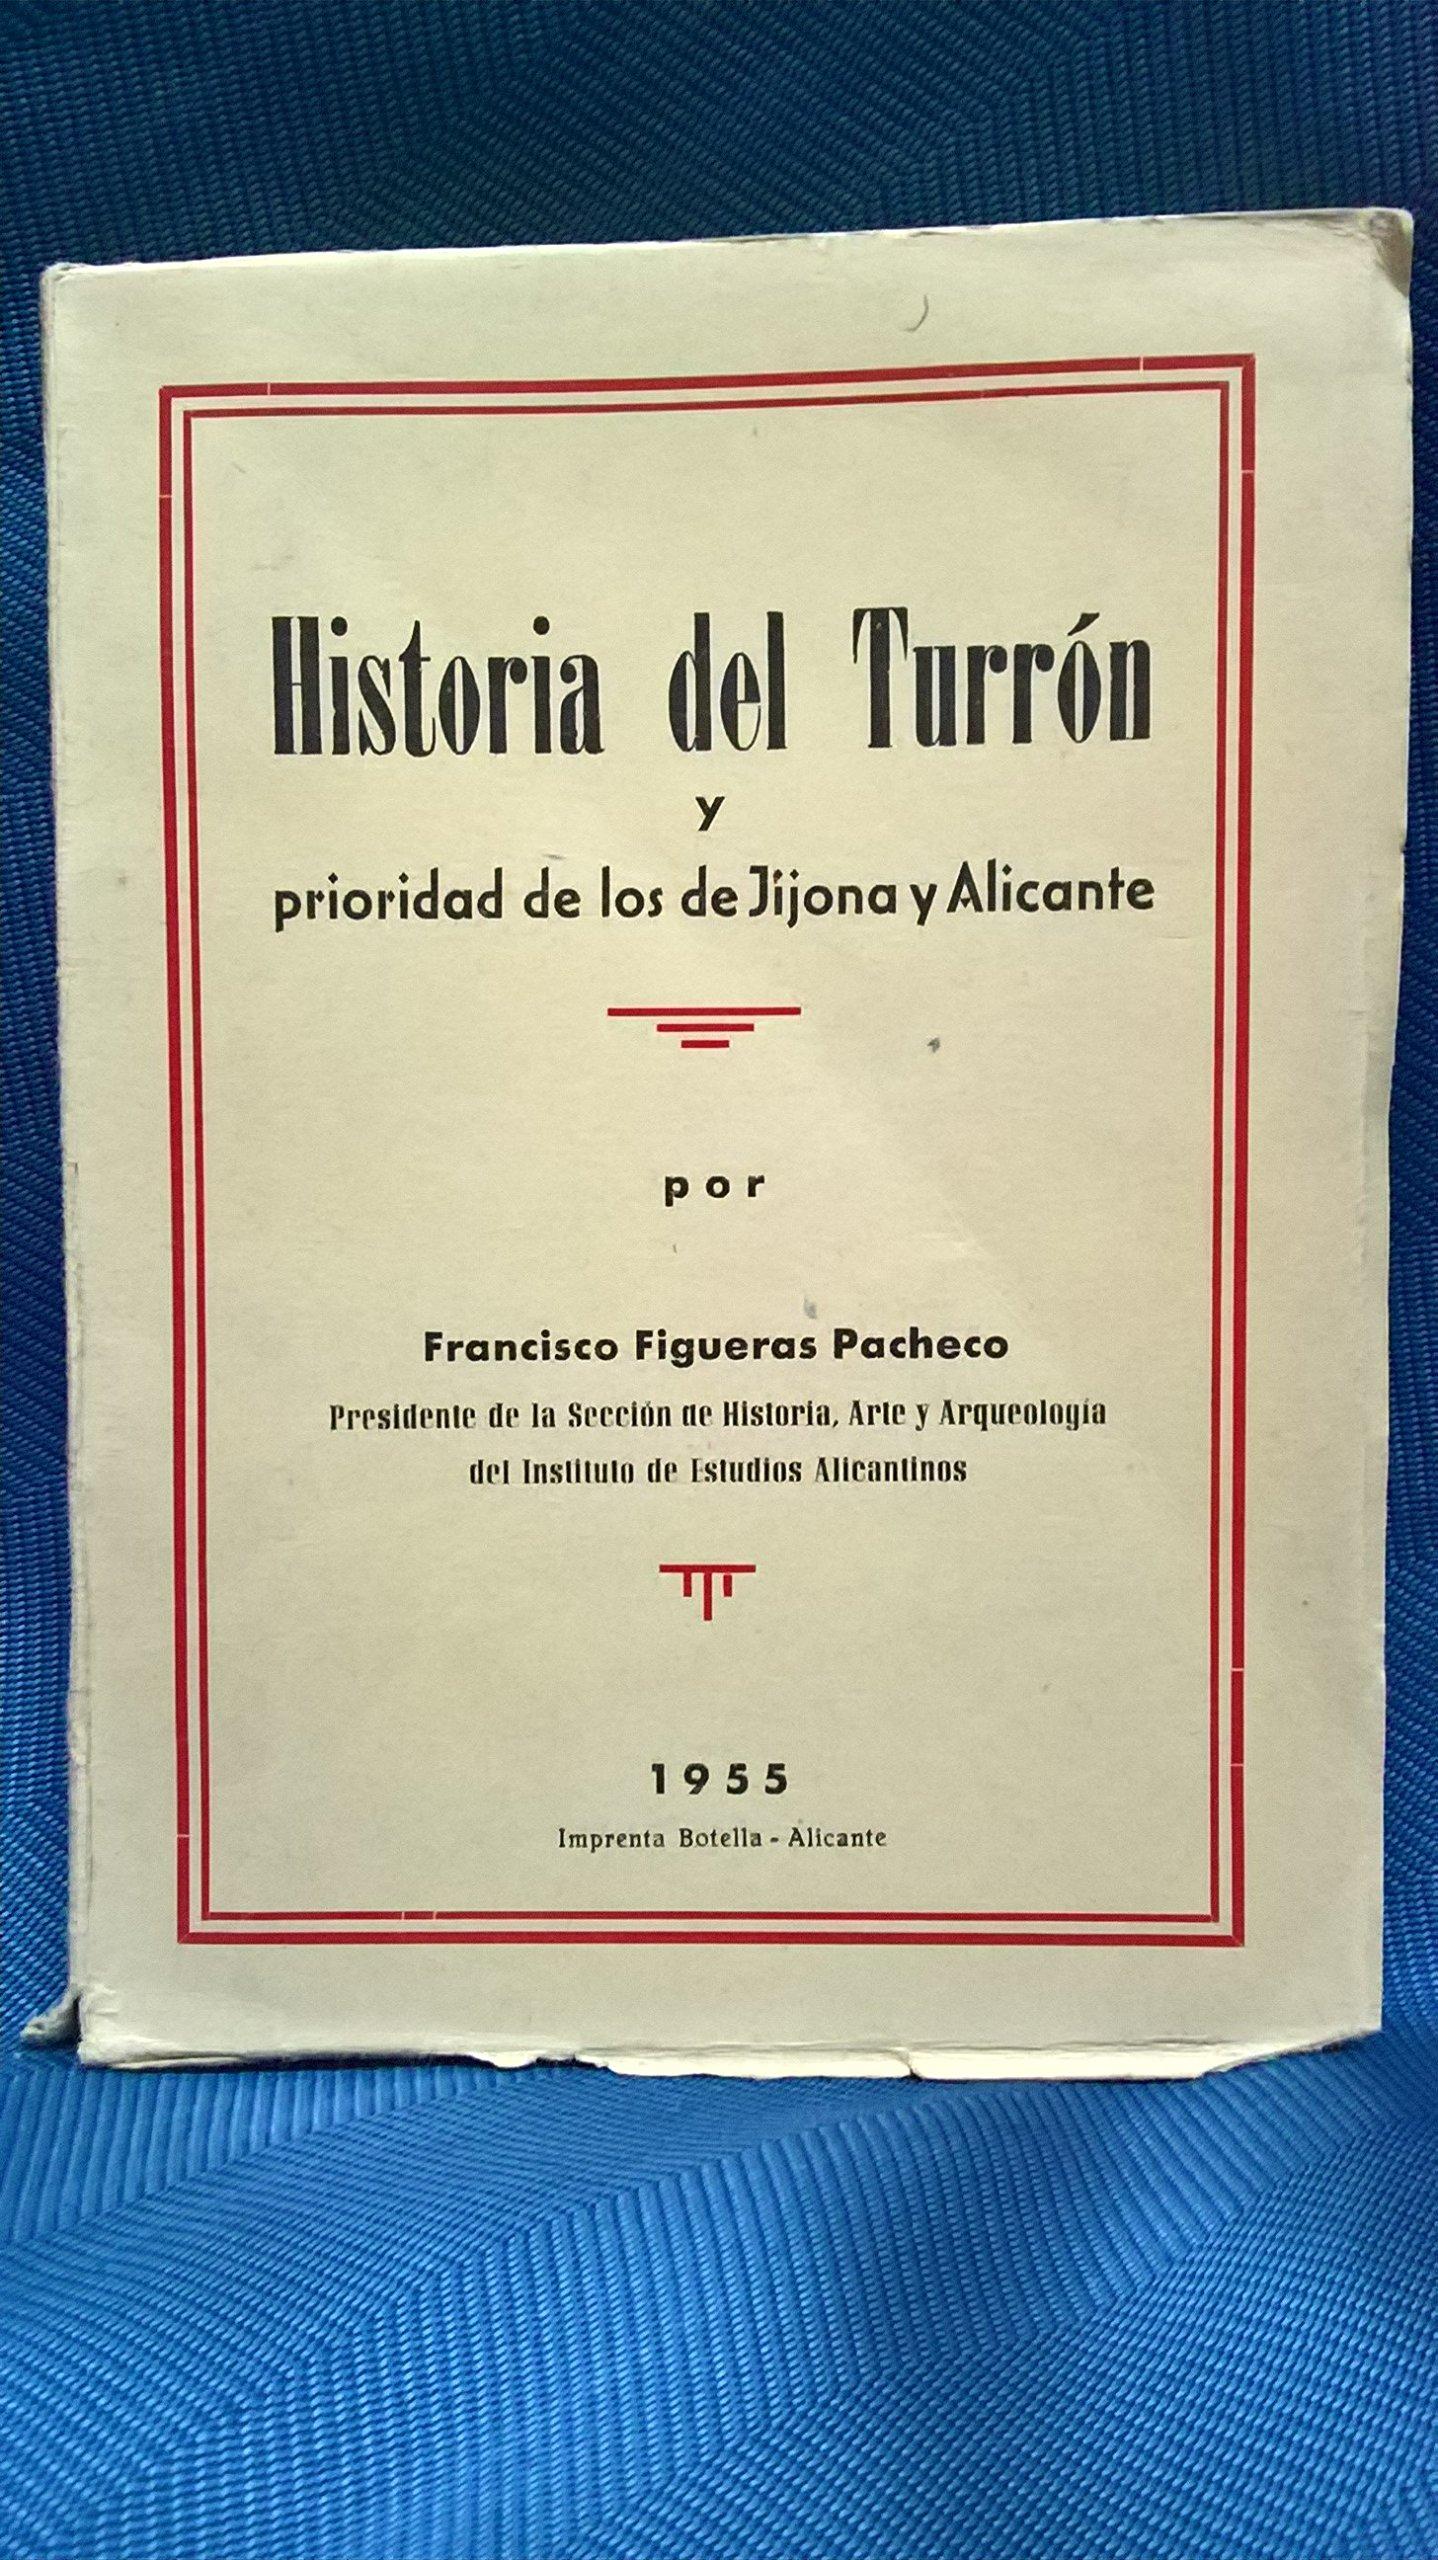 Historia del turrón y prioridad de los de Jijona y Alicante.: Amazon.es: Francisco.- FIGUERAS PACHECO: Libros